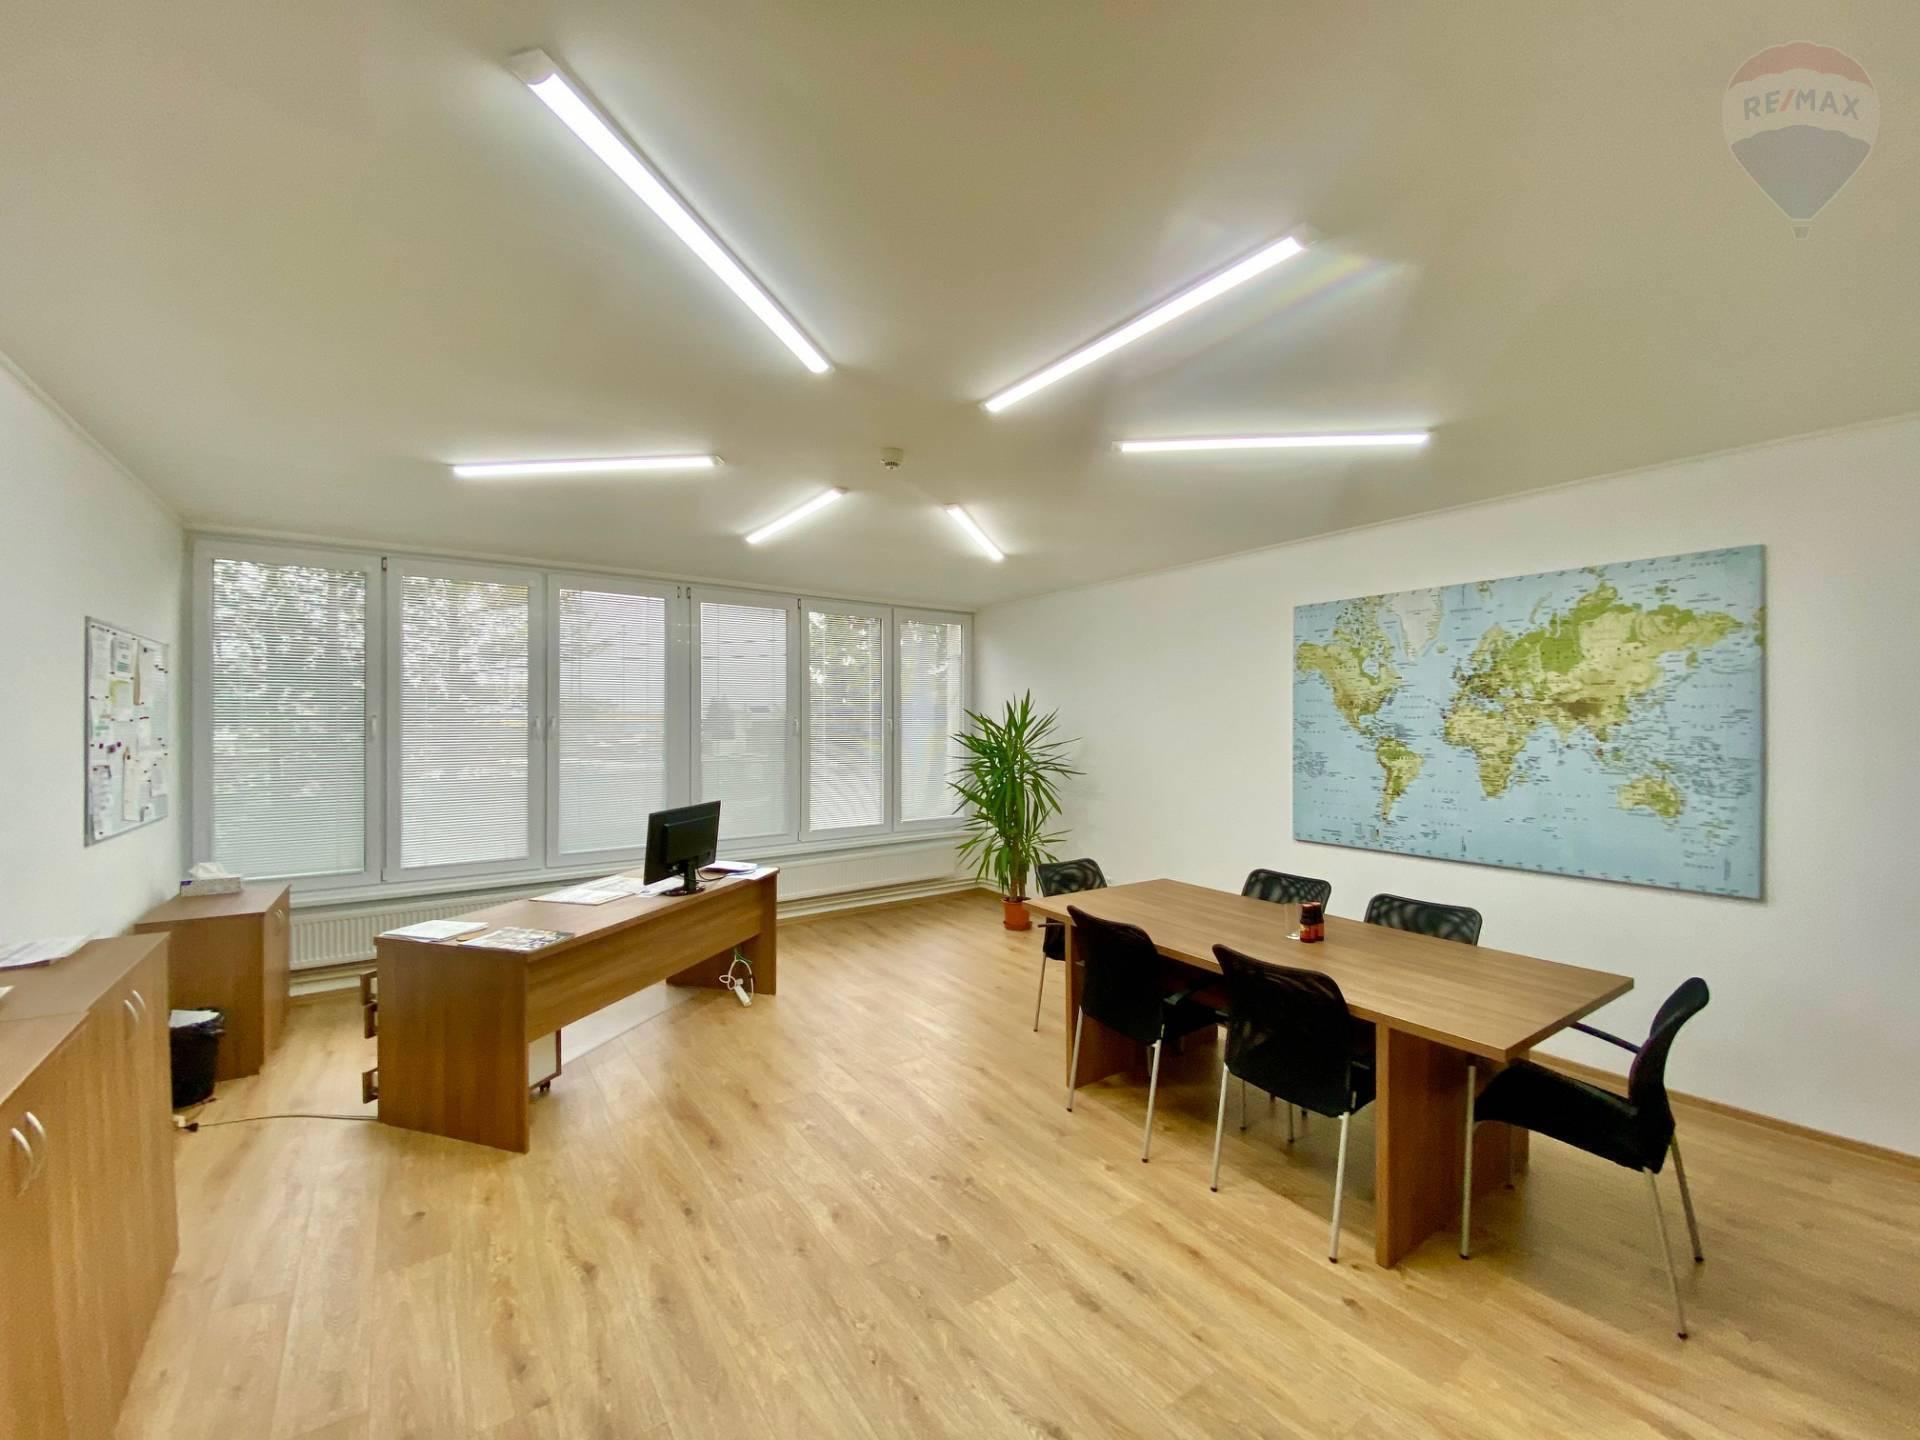 Na prenájom zariadené kancelárske priestory - sídlo firmy v komerčnej zóne mesta Topoľčany